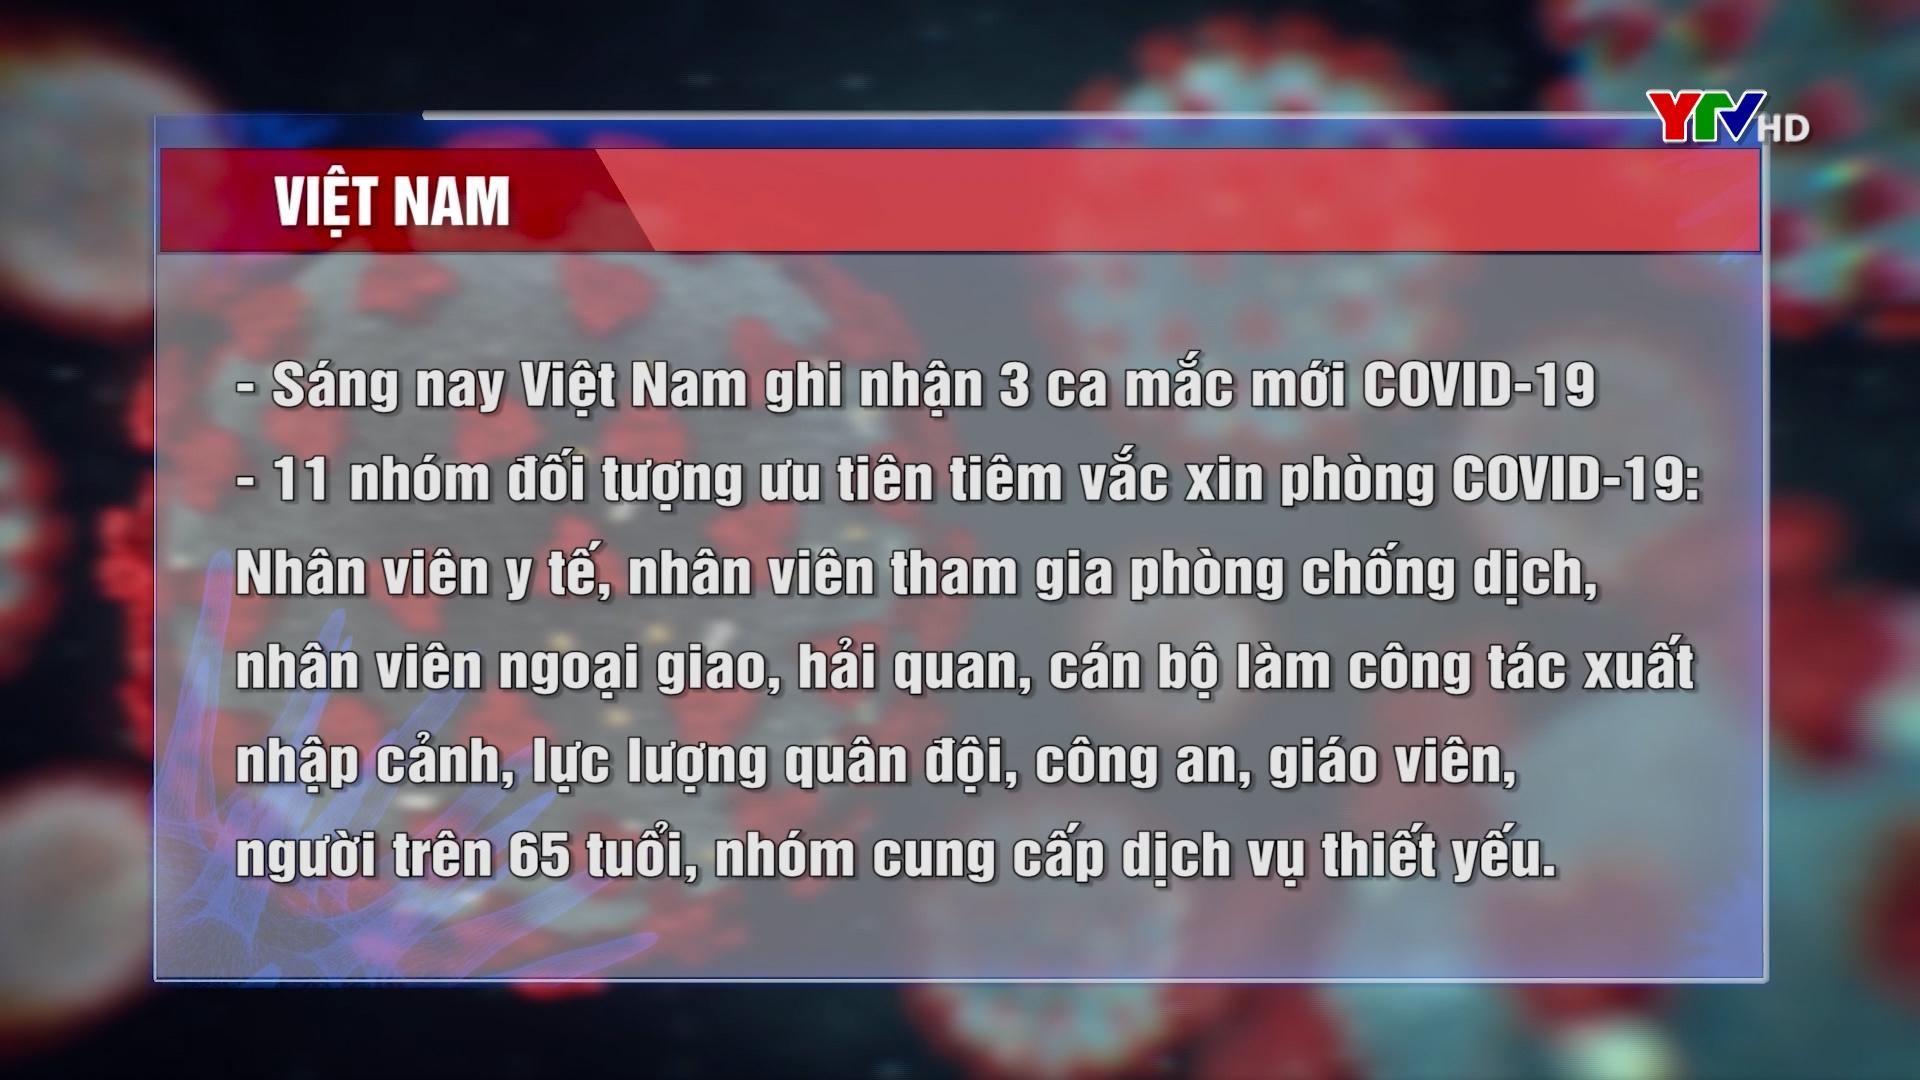 Sáng nay Việt Nam ghi nhận 3 ca mắc mới COVID - 19